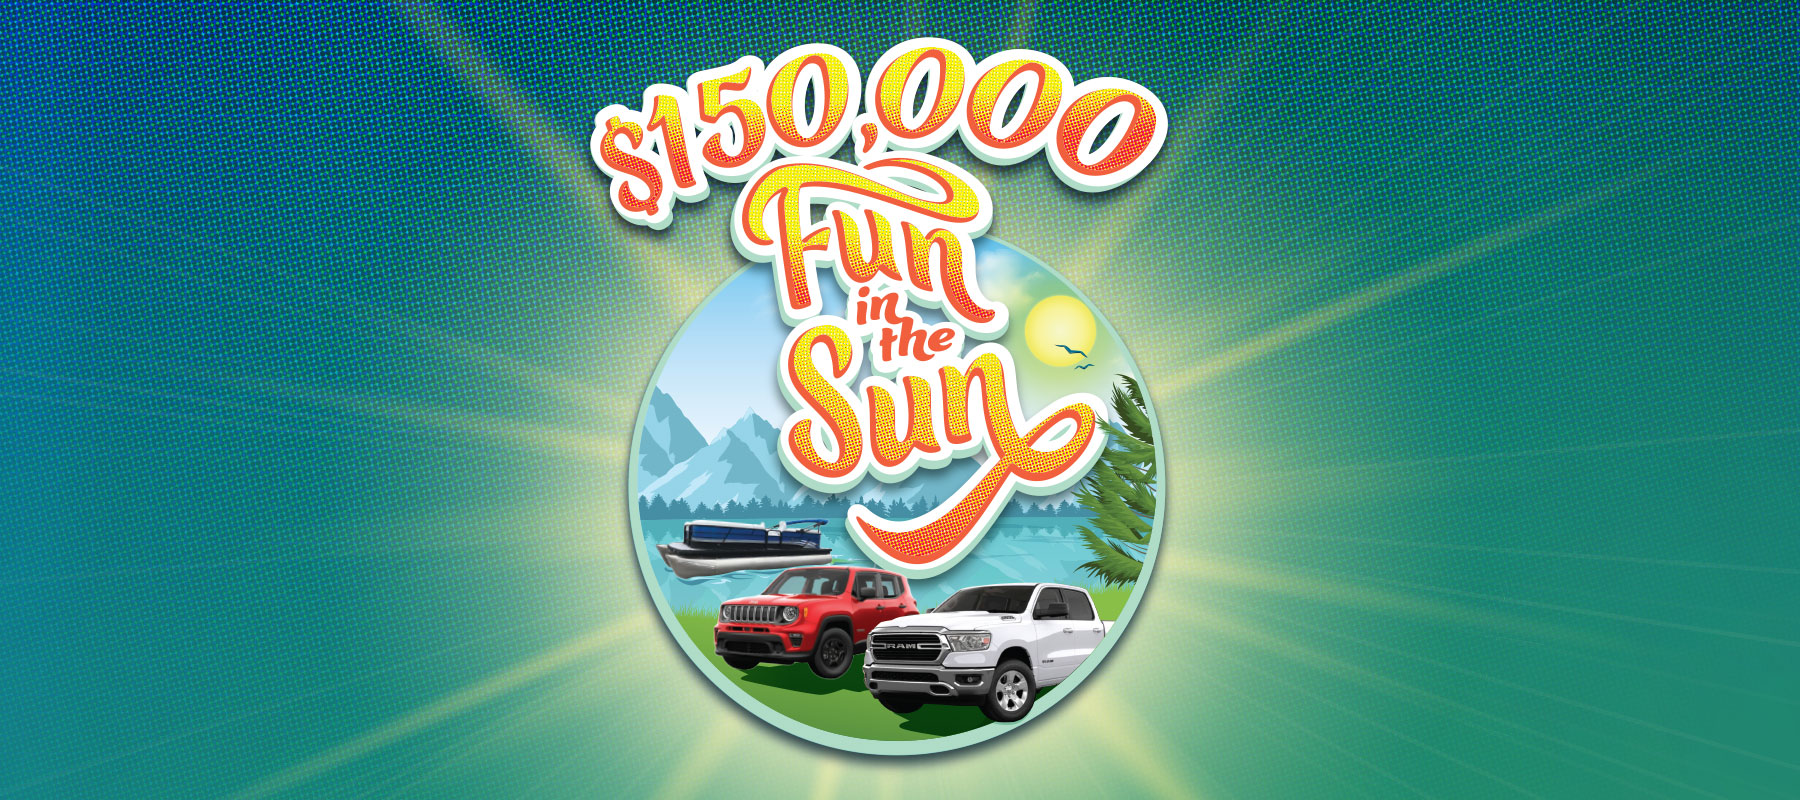 $150,000 Fun in the Sun